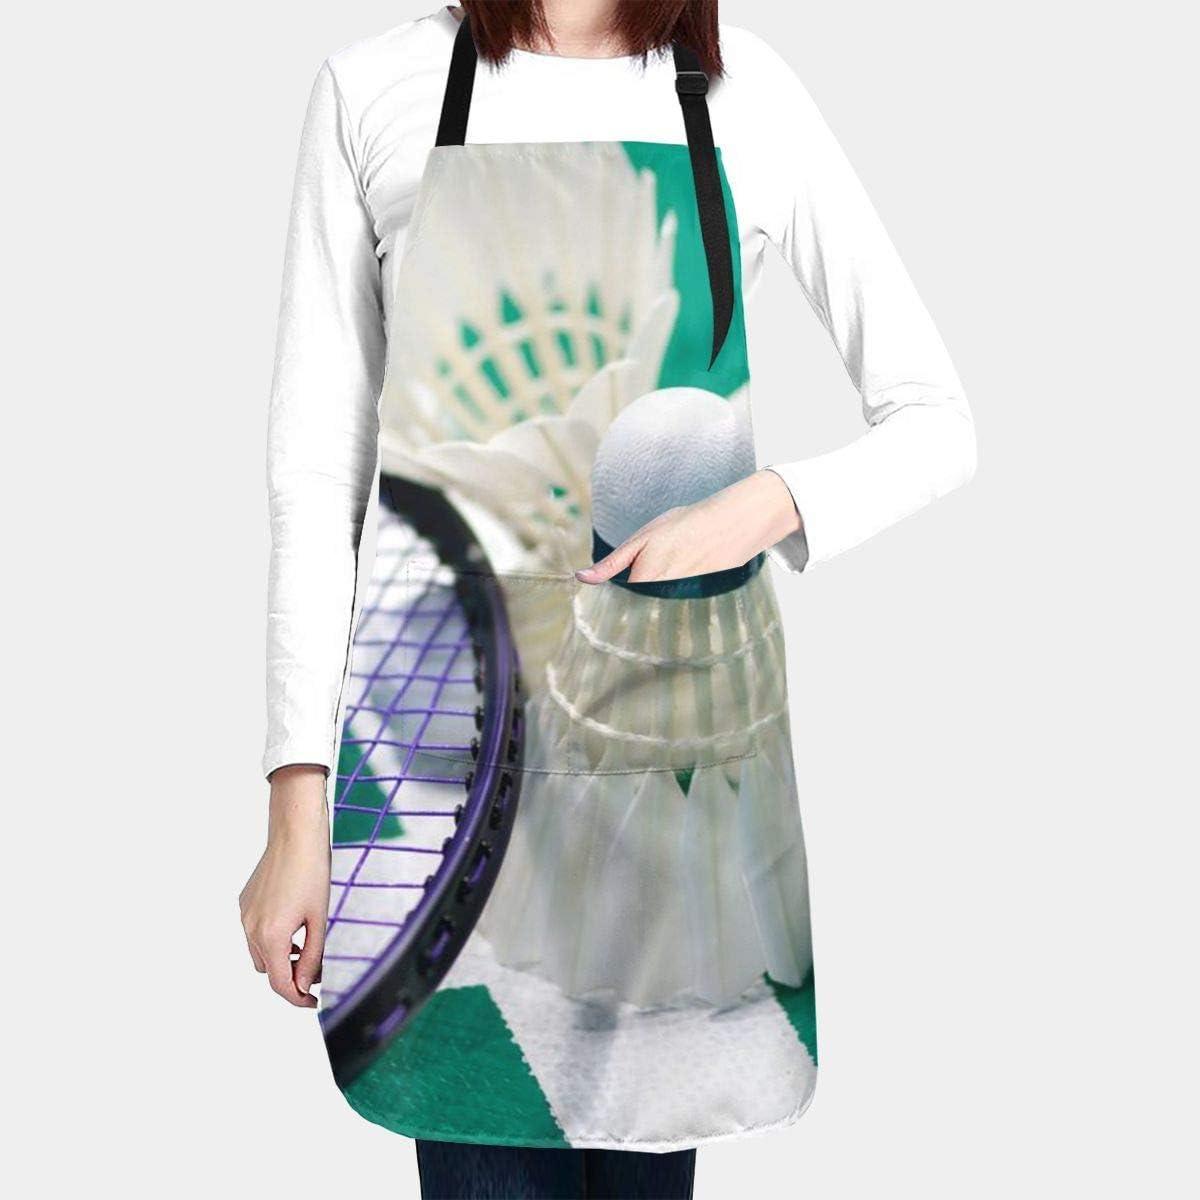 bricolage cuisson jardinage Tablier de badminton pour homme et femme avec poche et liens r/églables tablier de cuisine pour chef de cuisine